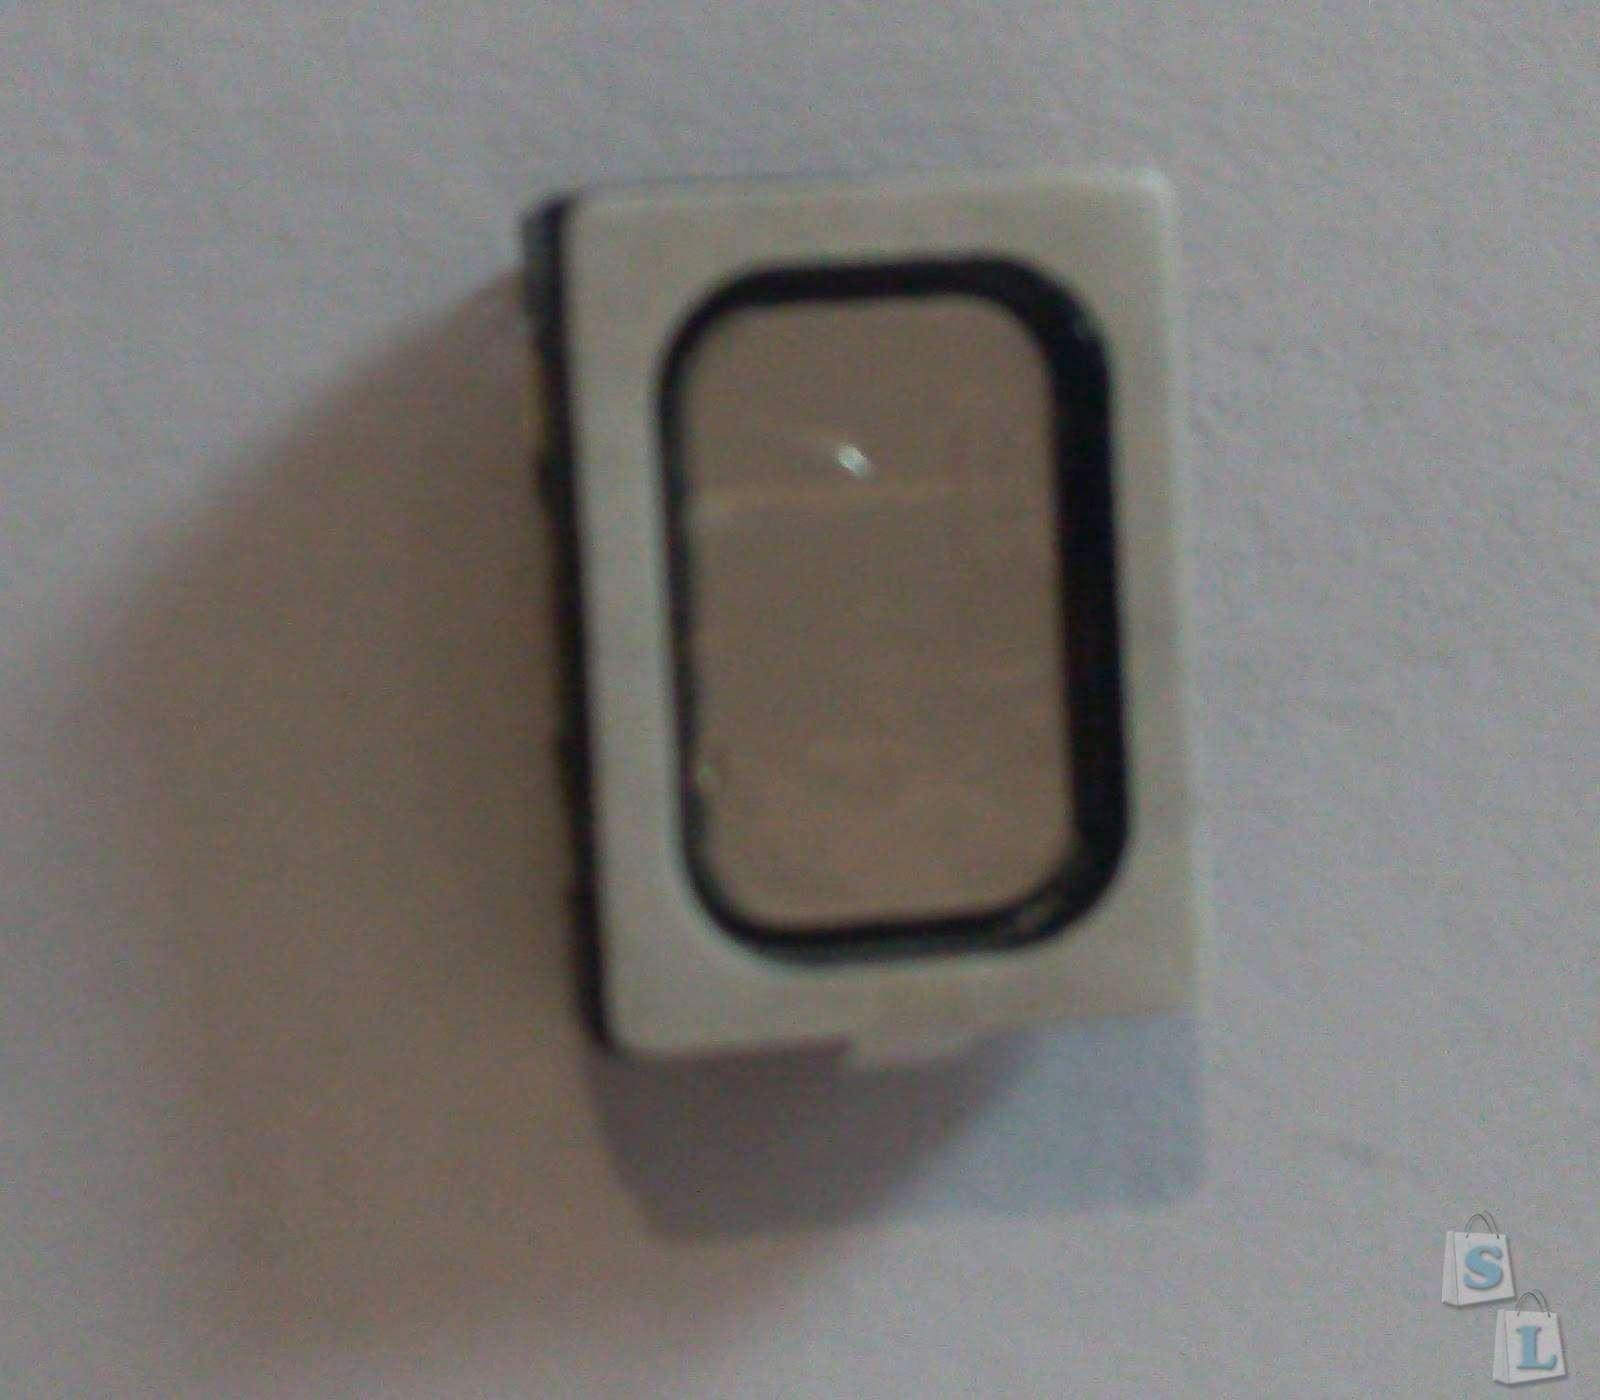 Aliexpress: Speaker для JIAYU F1 F1W G1 G2 G2S G3 G3 G3T G5